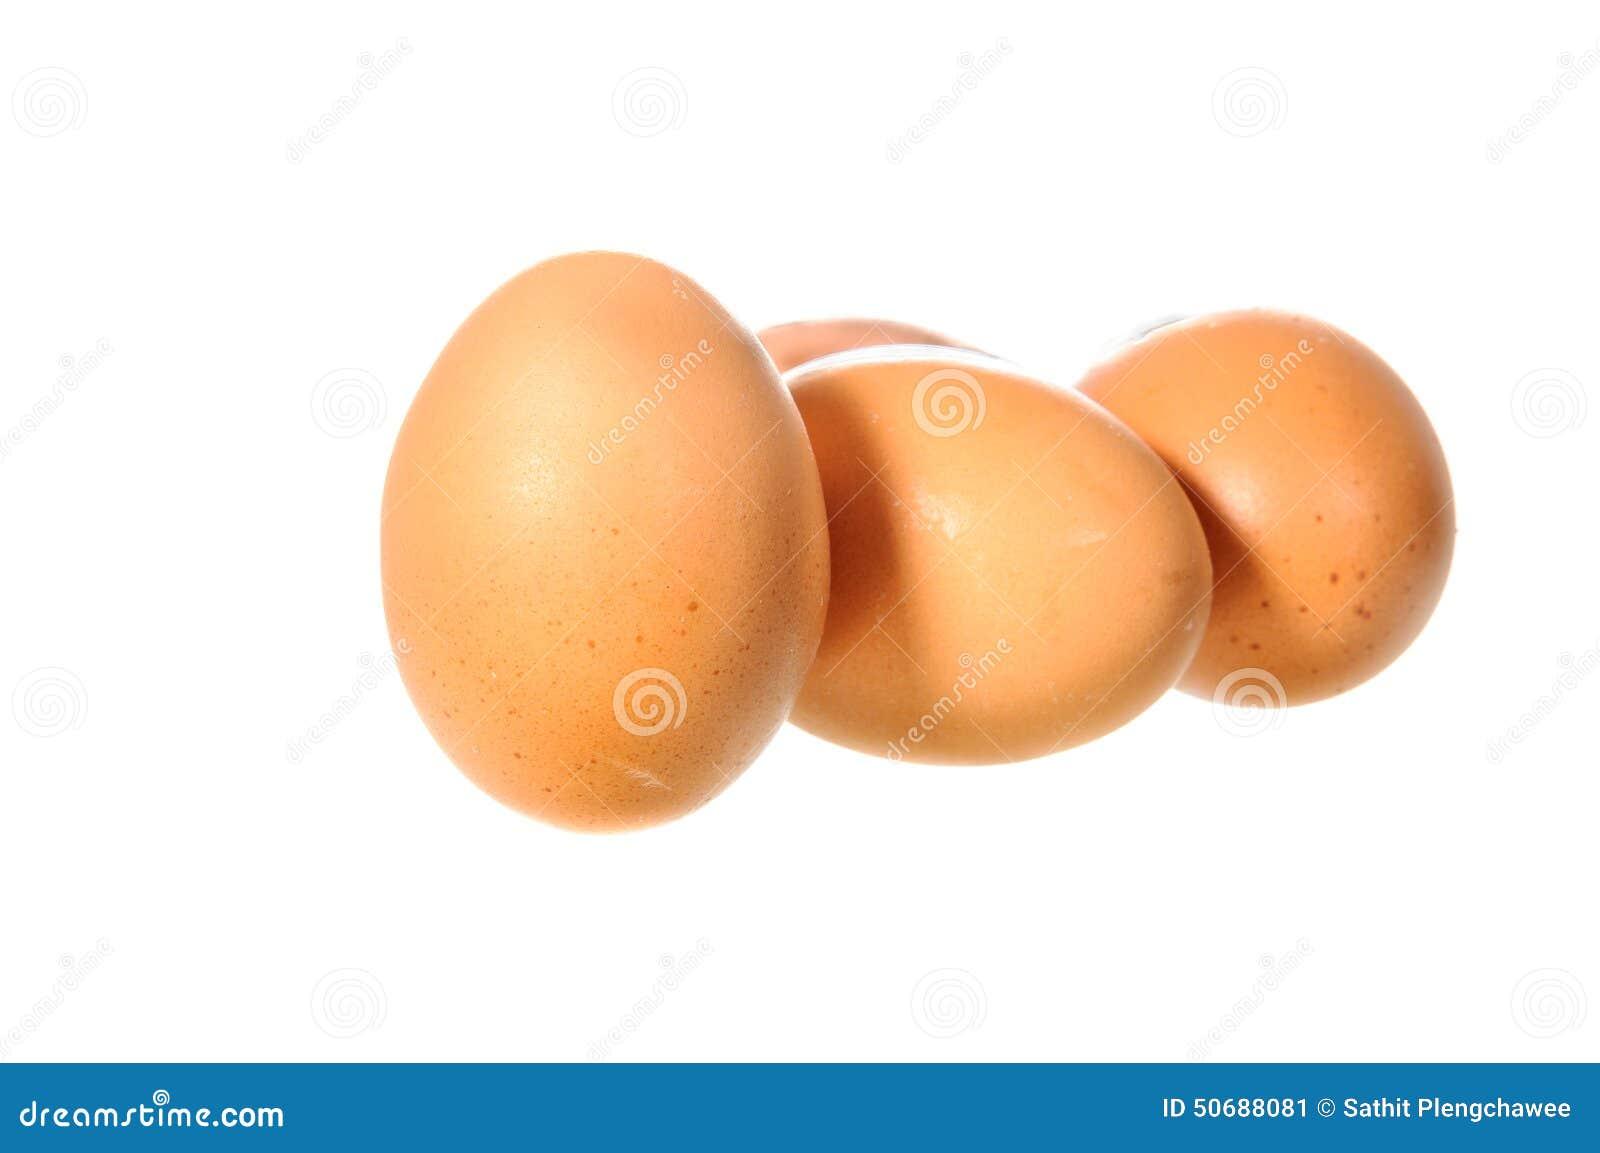 Download 鸡蛋程序包 库存图片. 图片 包括有 垂直, 椭圆, 成份, 十二, 原始, 健康, 突出, 简单, 蛋白质 - 50688081